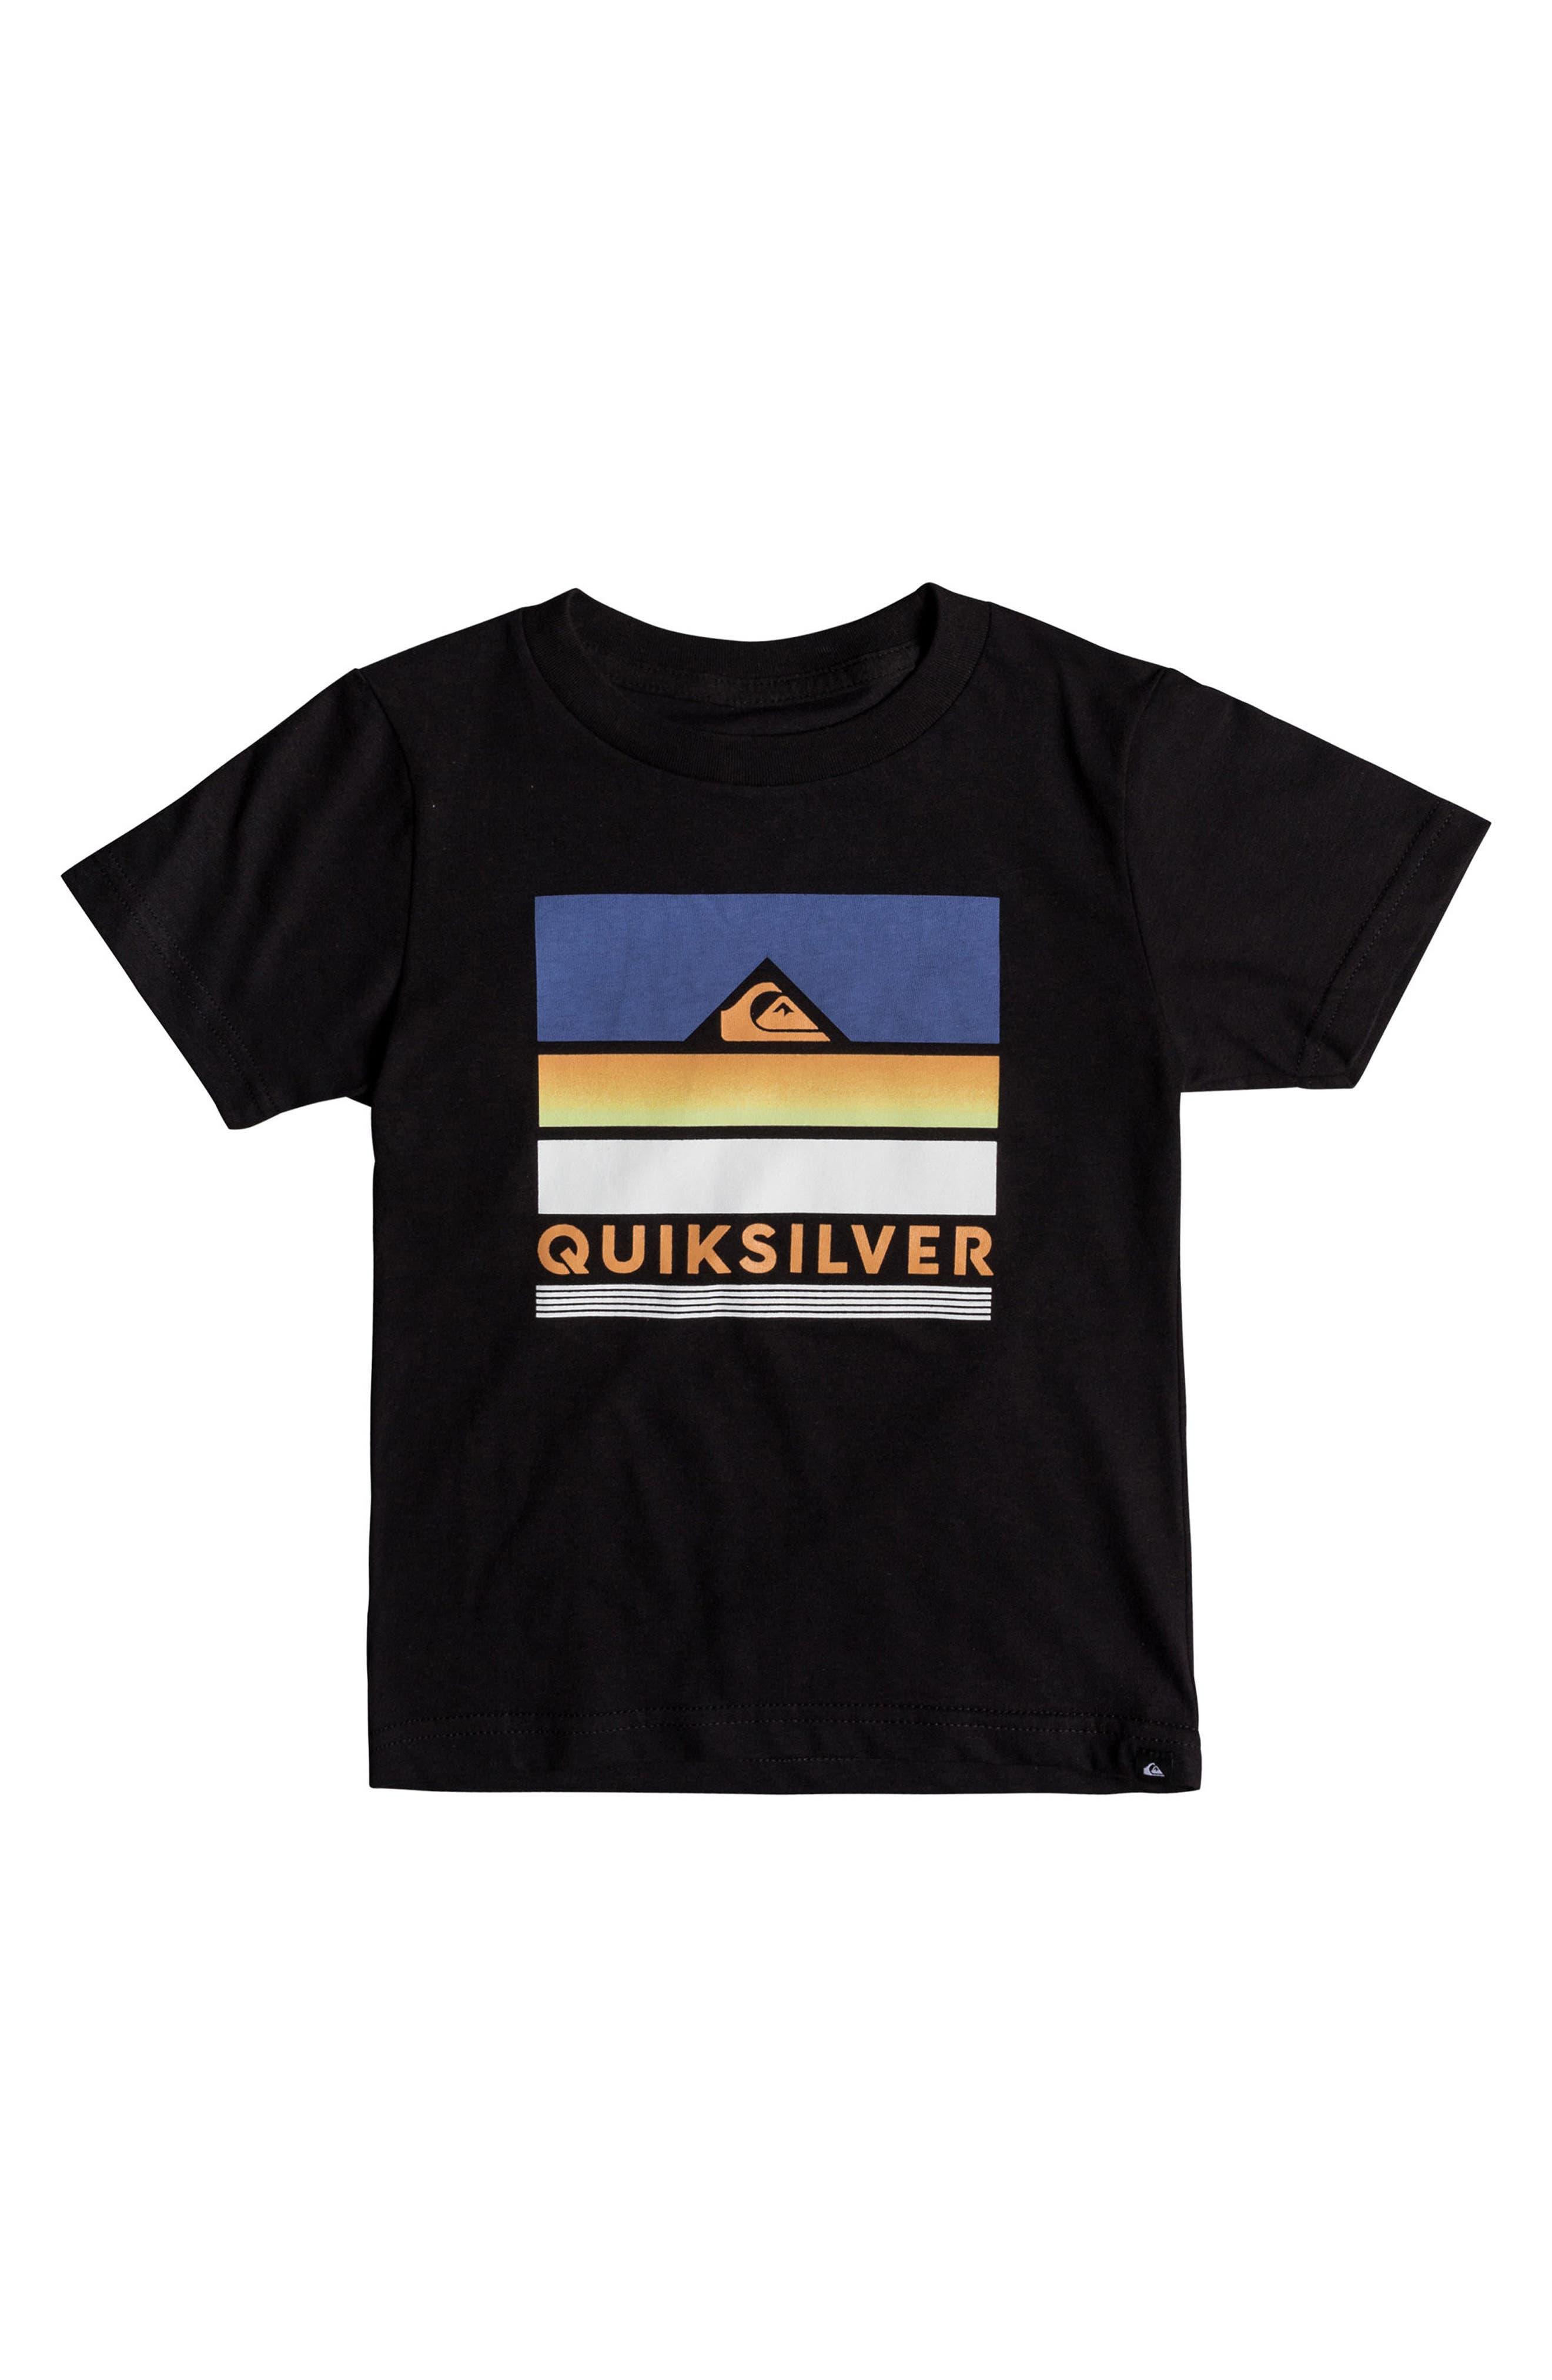 Quiksilver Loud Places Graphic T-Shirt (Toddler Boys & Little Boys)